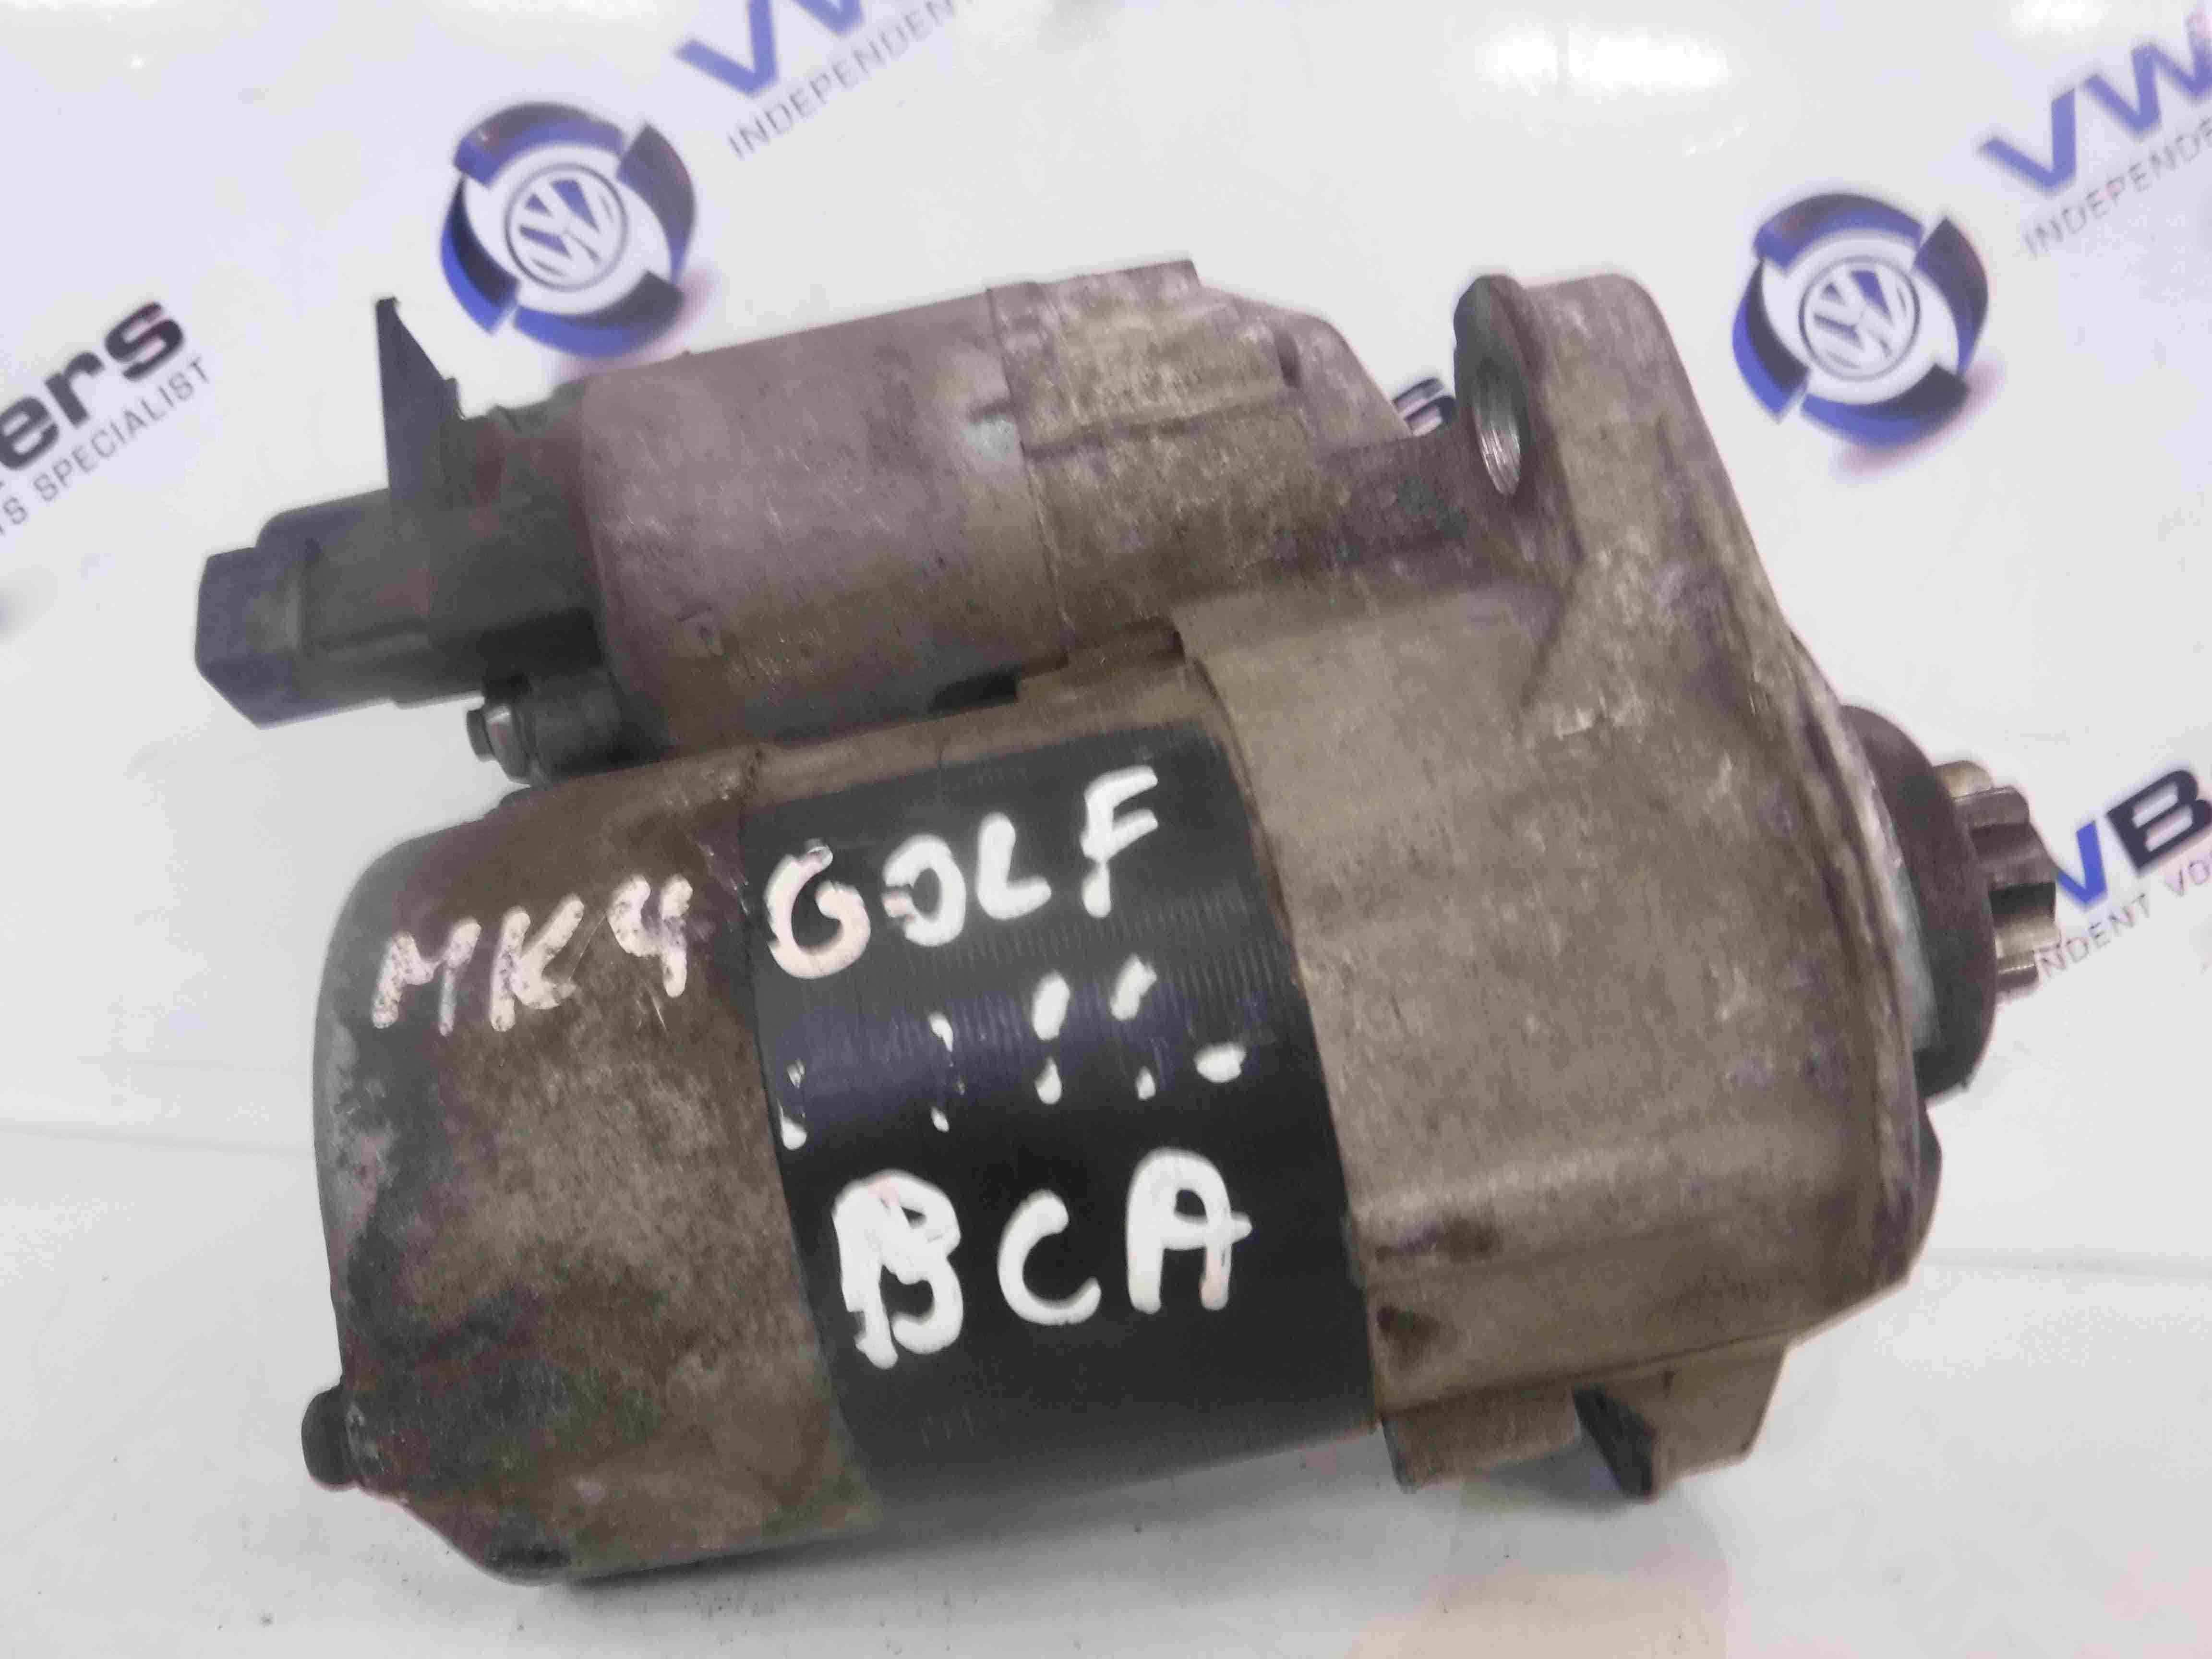 Volkswagen Golf MK4 1997-2004 1.4 16v Starter Motor Starting BCA 020911023S